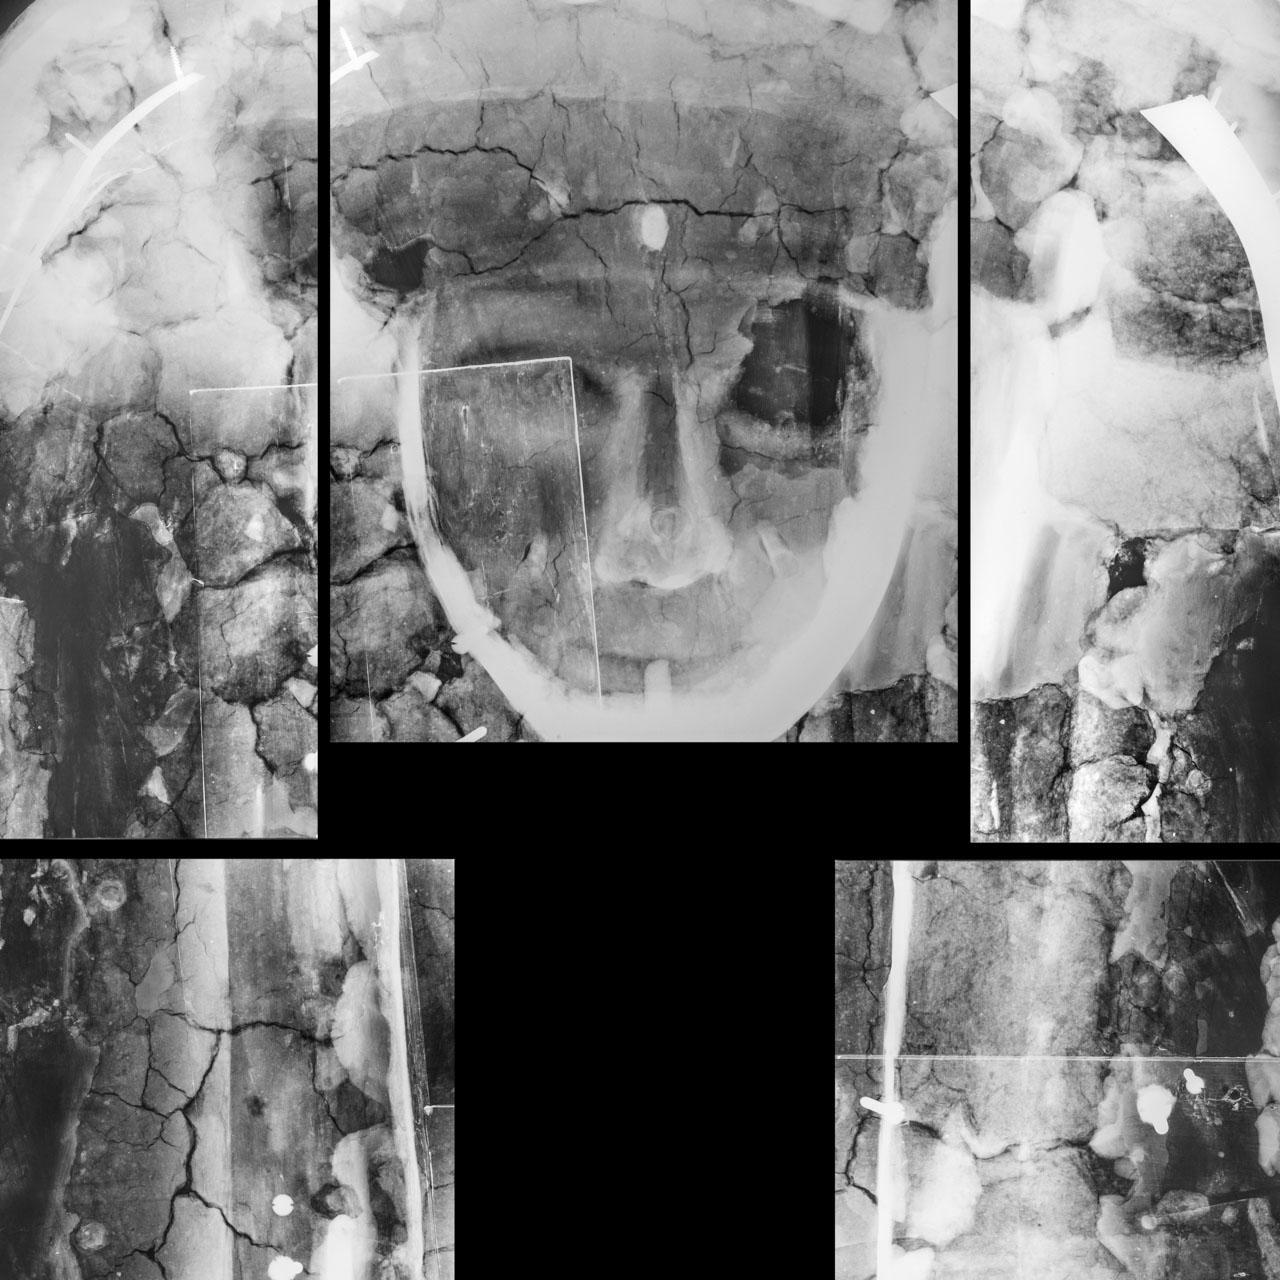 mummiekisten-RMO-thumb © René S. Gerritsen.jpg